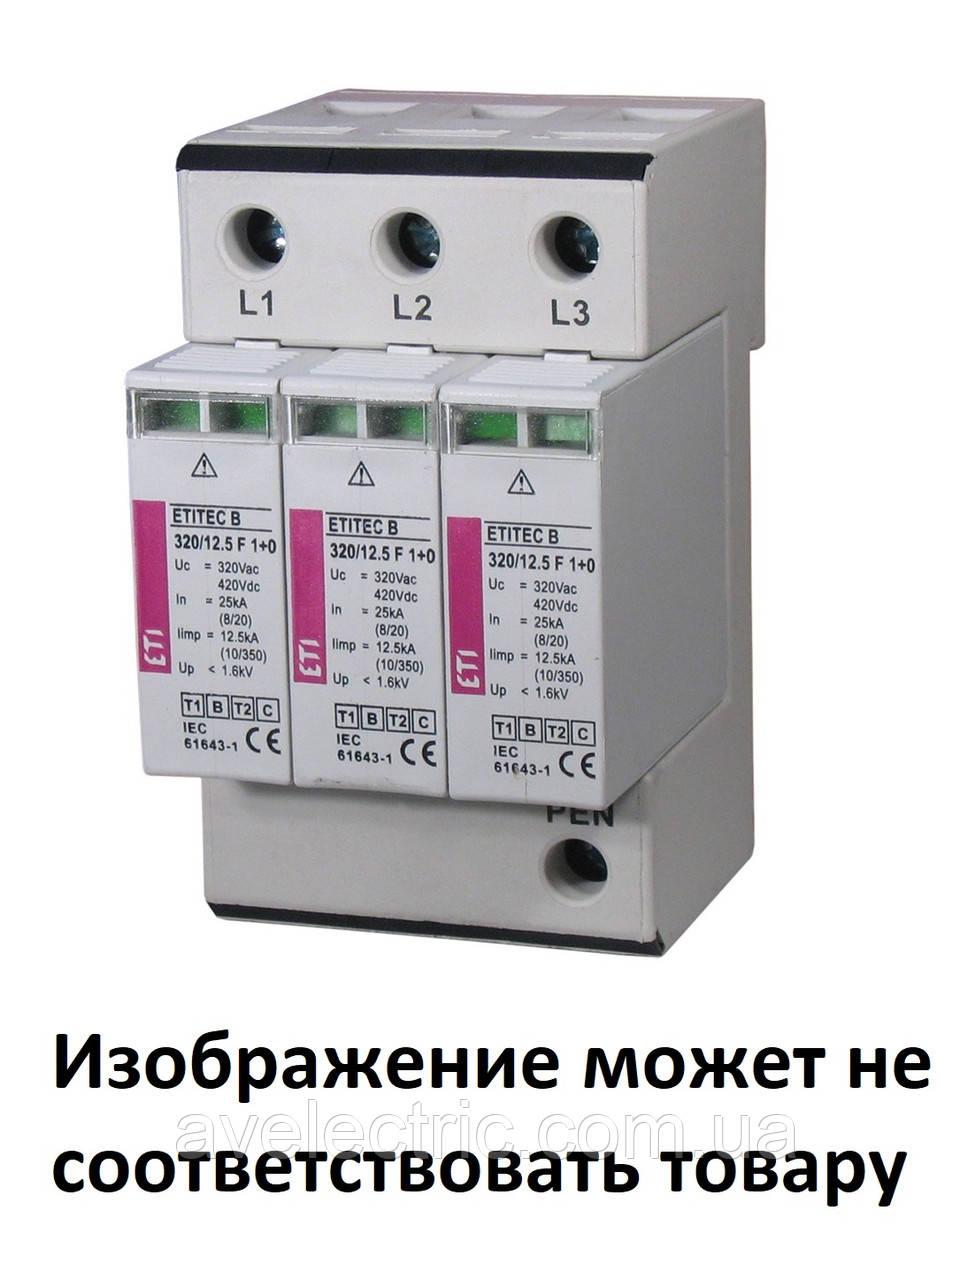 Ограничитель перенапряжения ETITEC B T12 440/12,5 (4+0) 4p